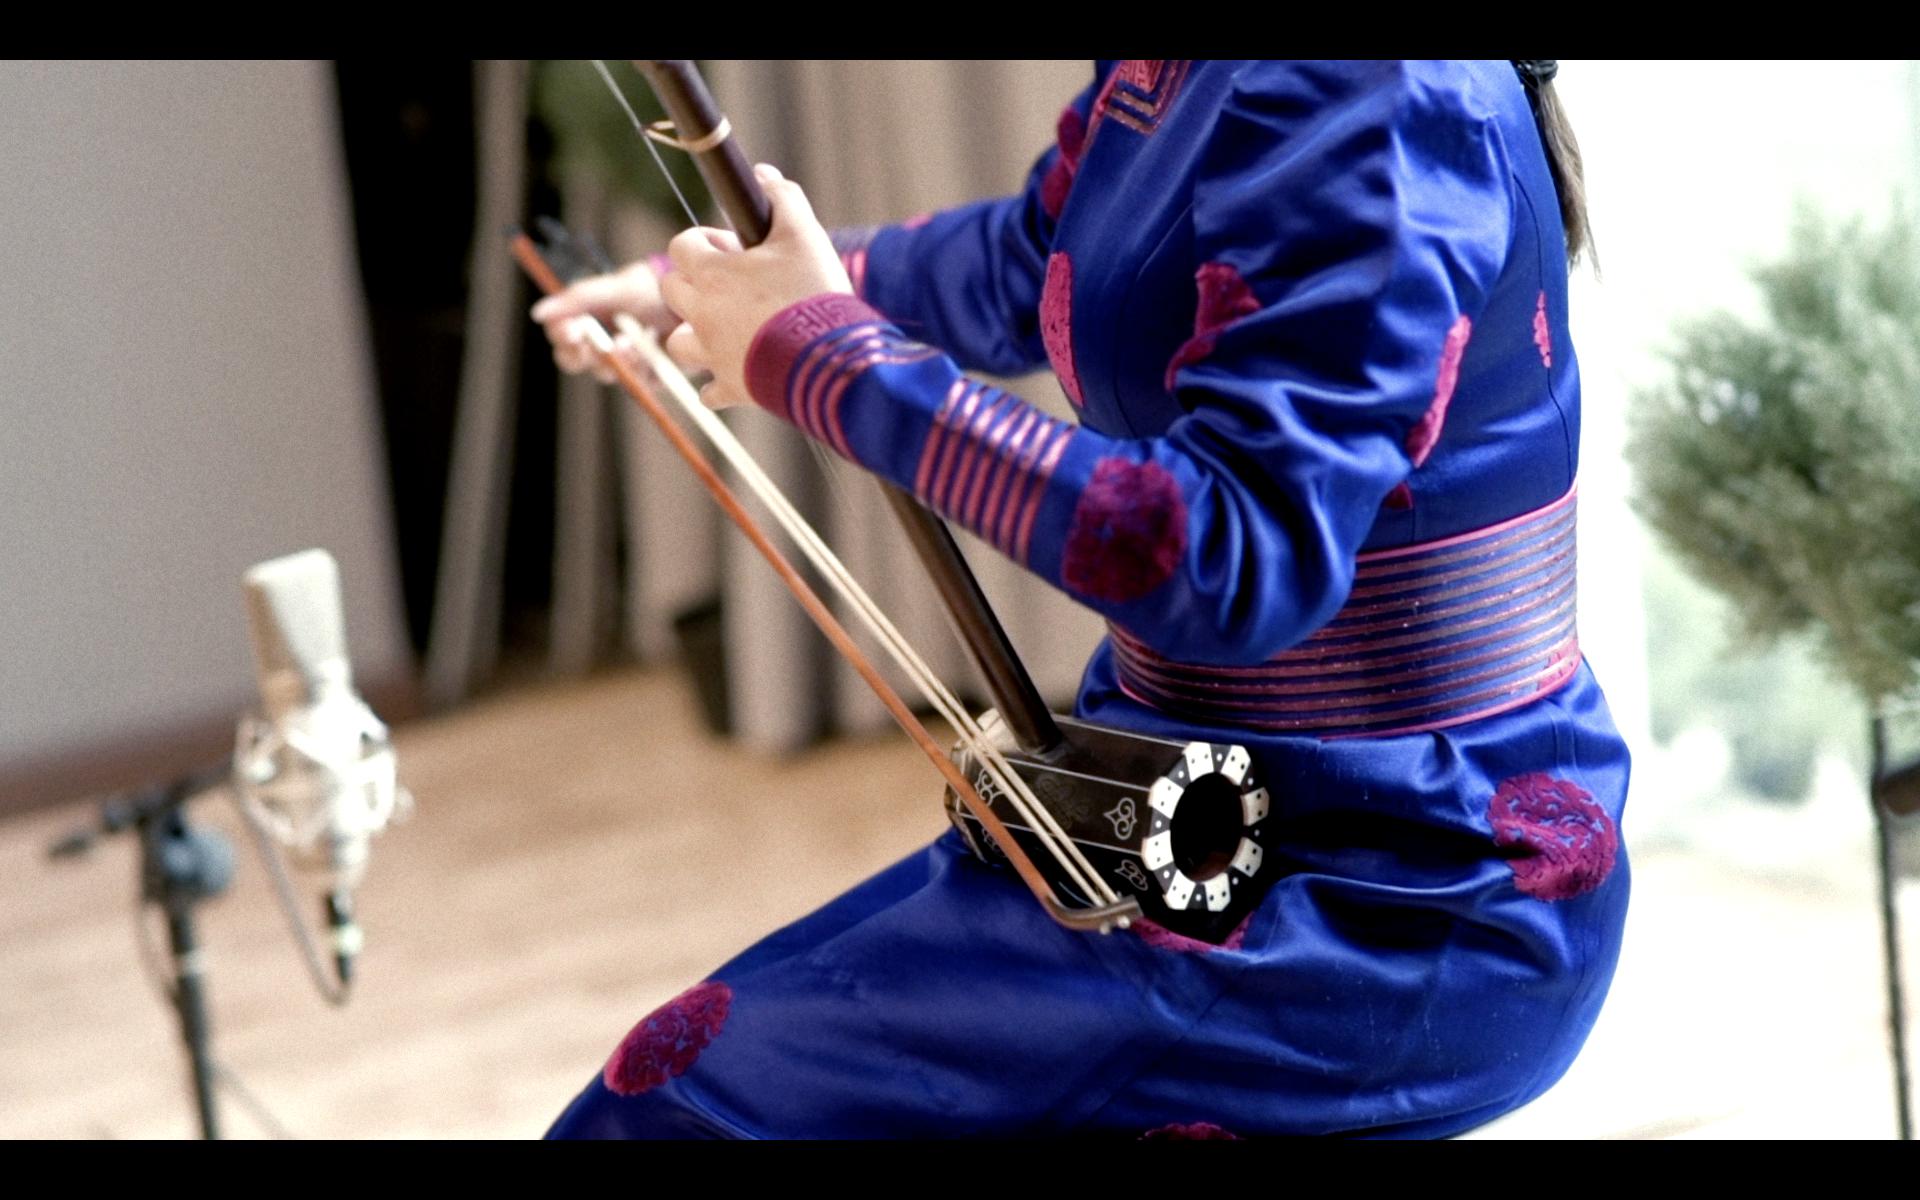 2016.06.11 - Beijing - Suya - [2] Wanli - Video Screenshot_03.png